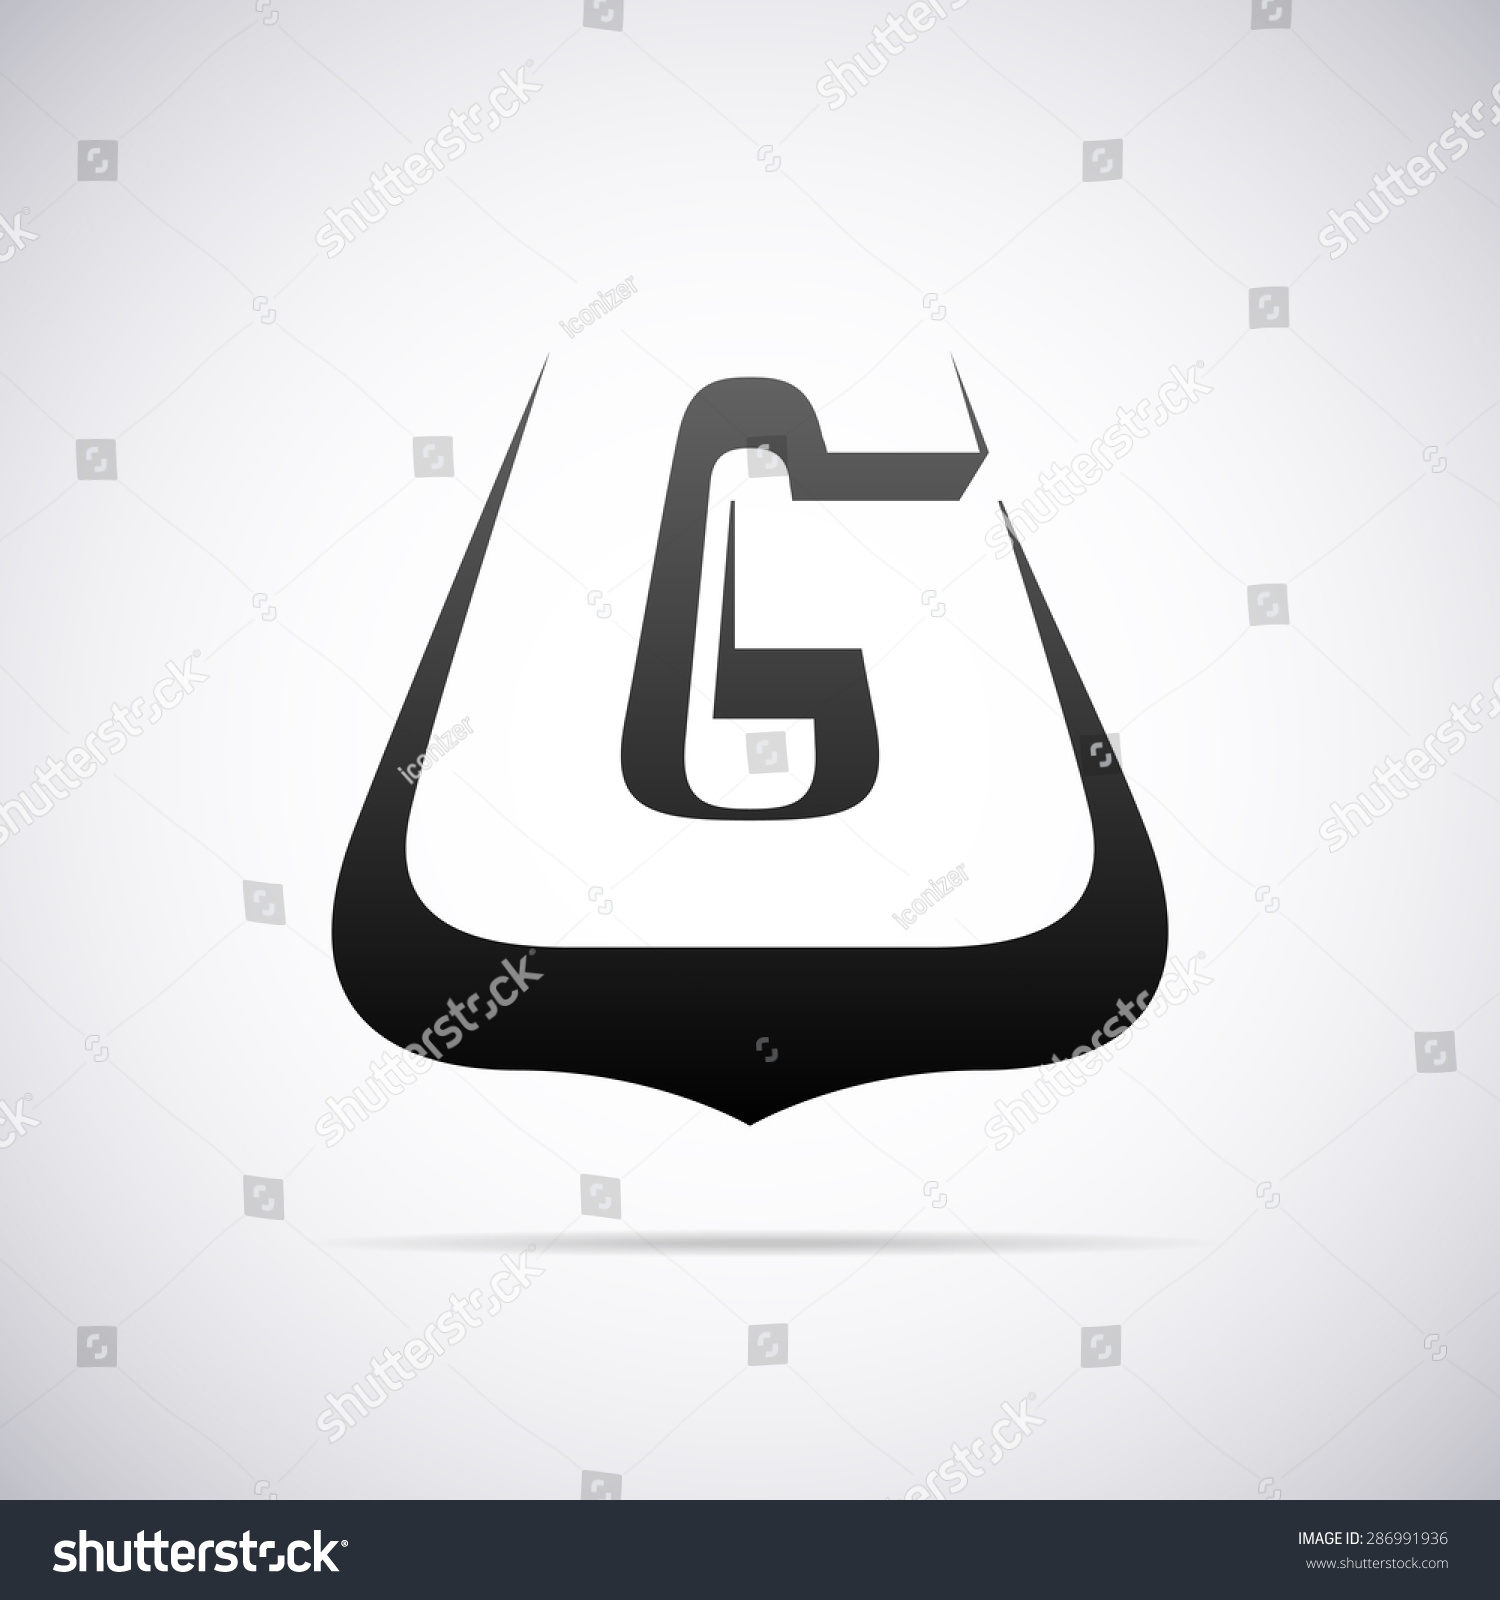 创意英文字母微信头像m